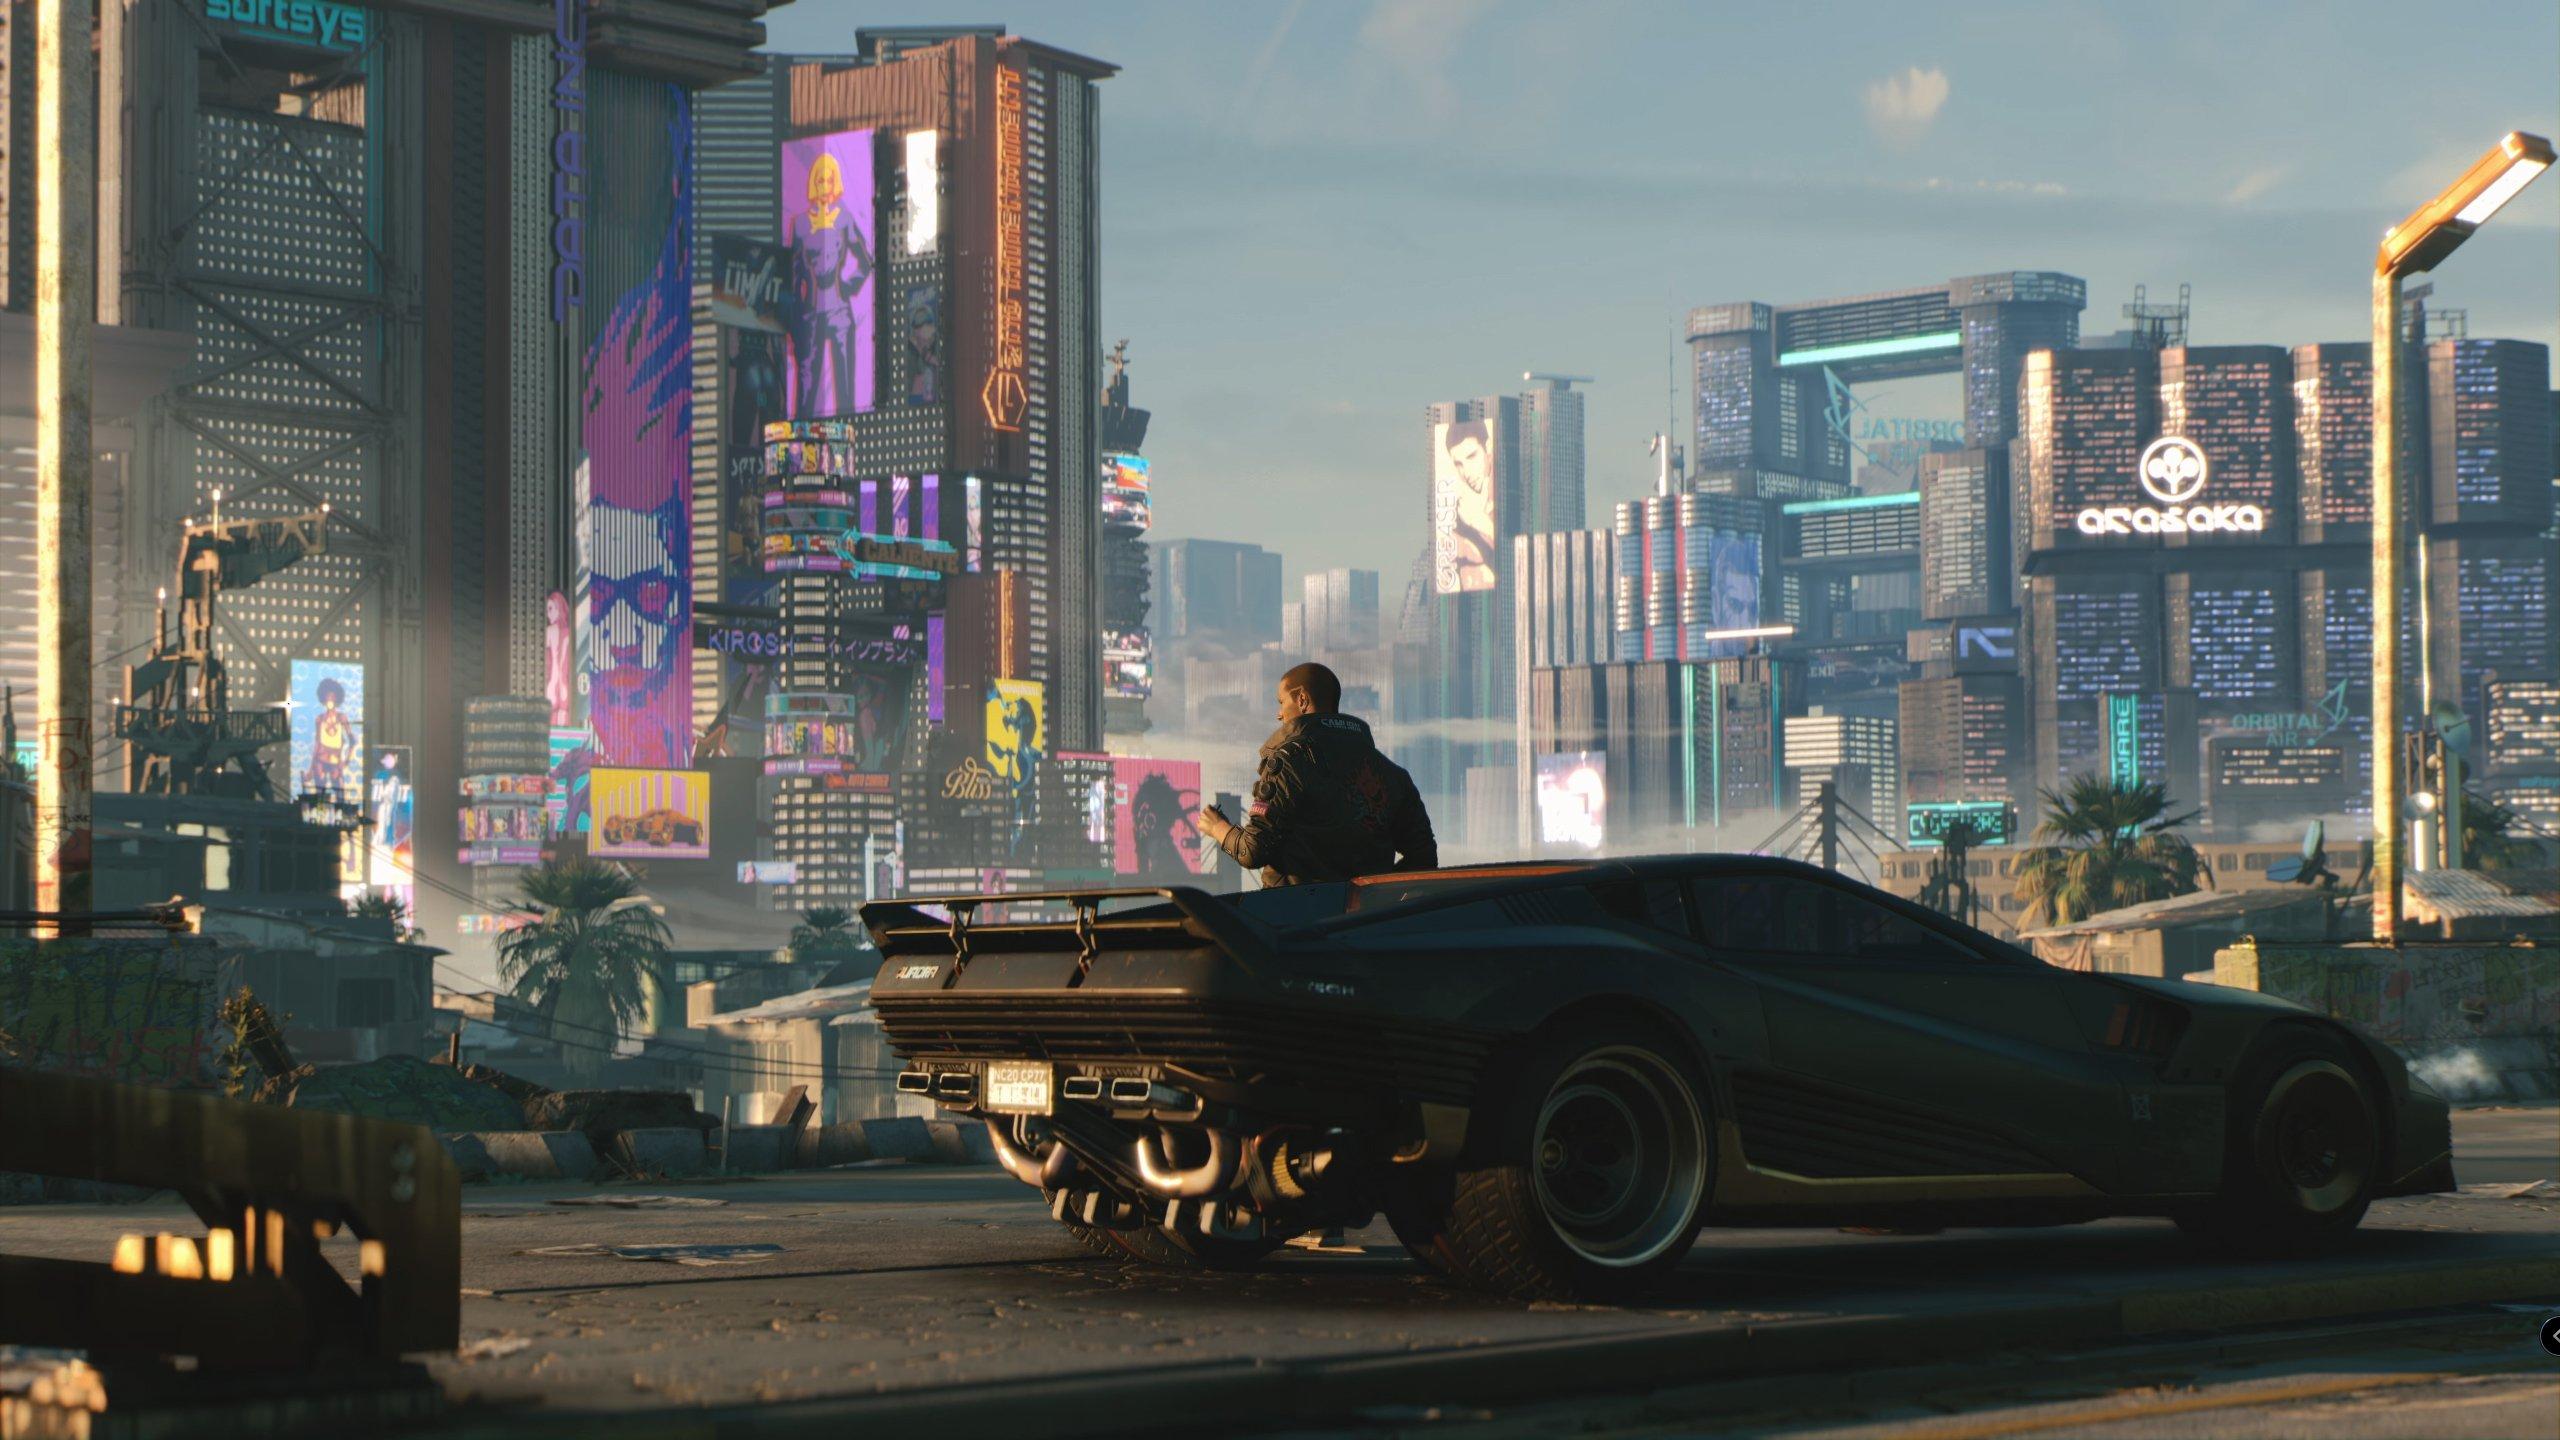 Fondos de pantalla Cyberpunk 2077 Carro